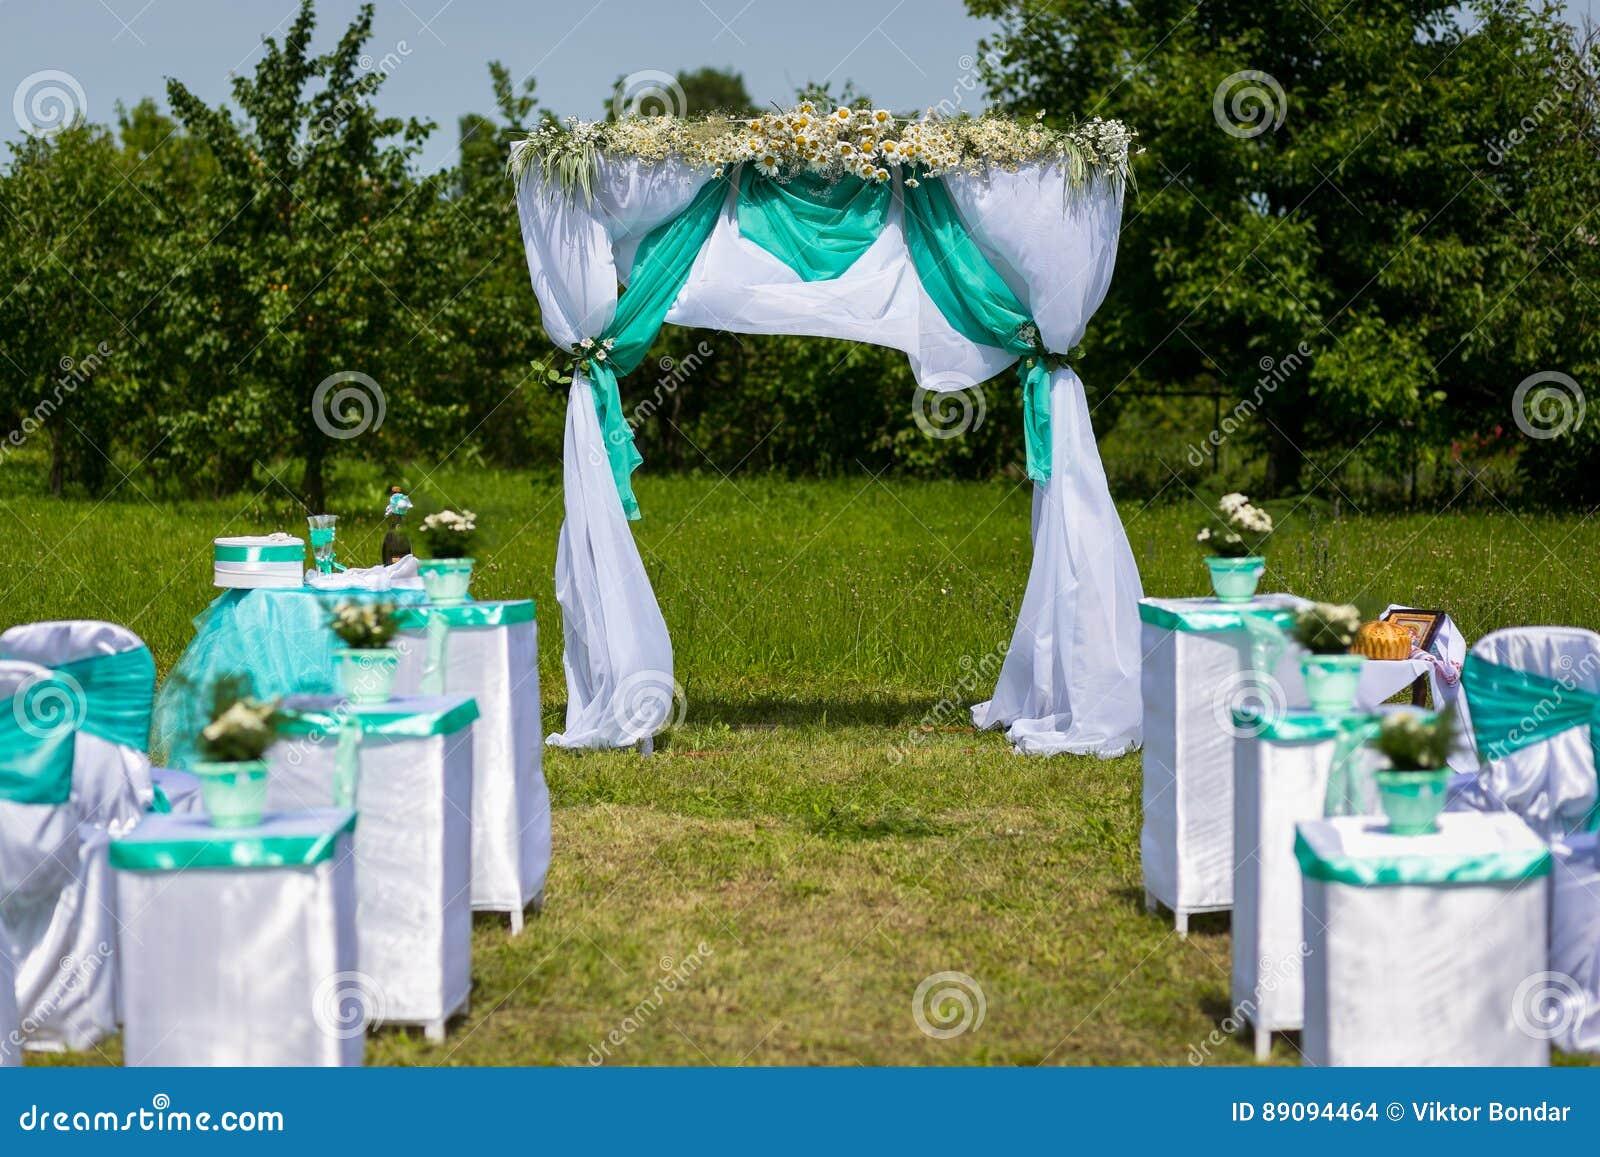 Украшение свадебной церемонии Таблица для свадебной церемонии